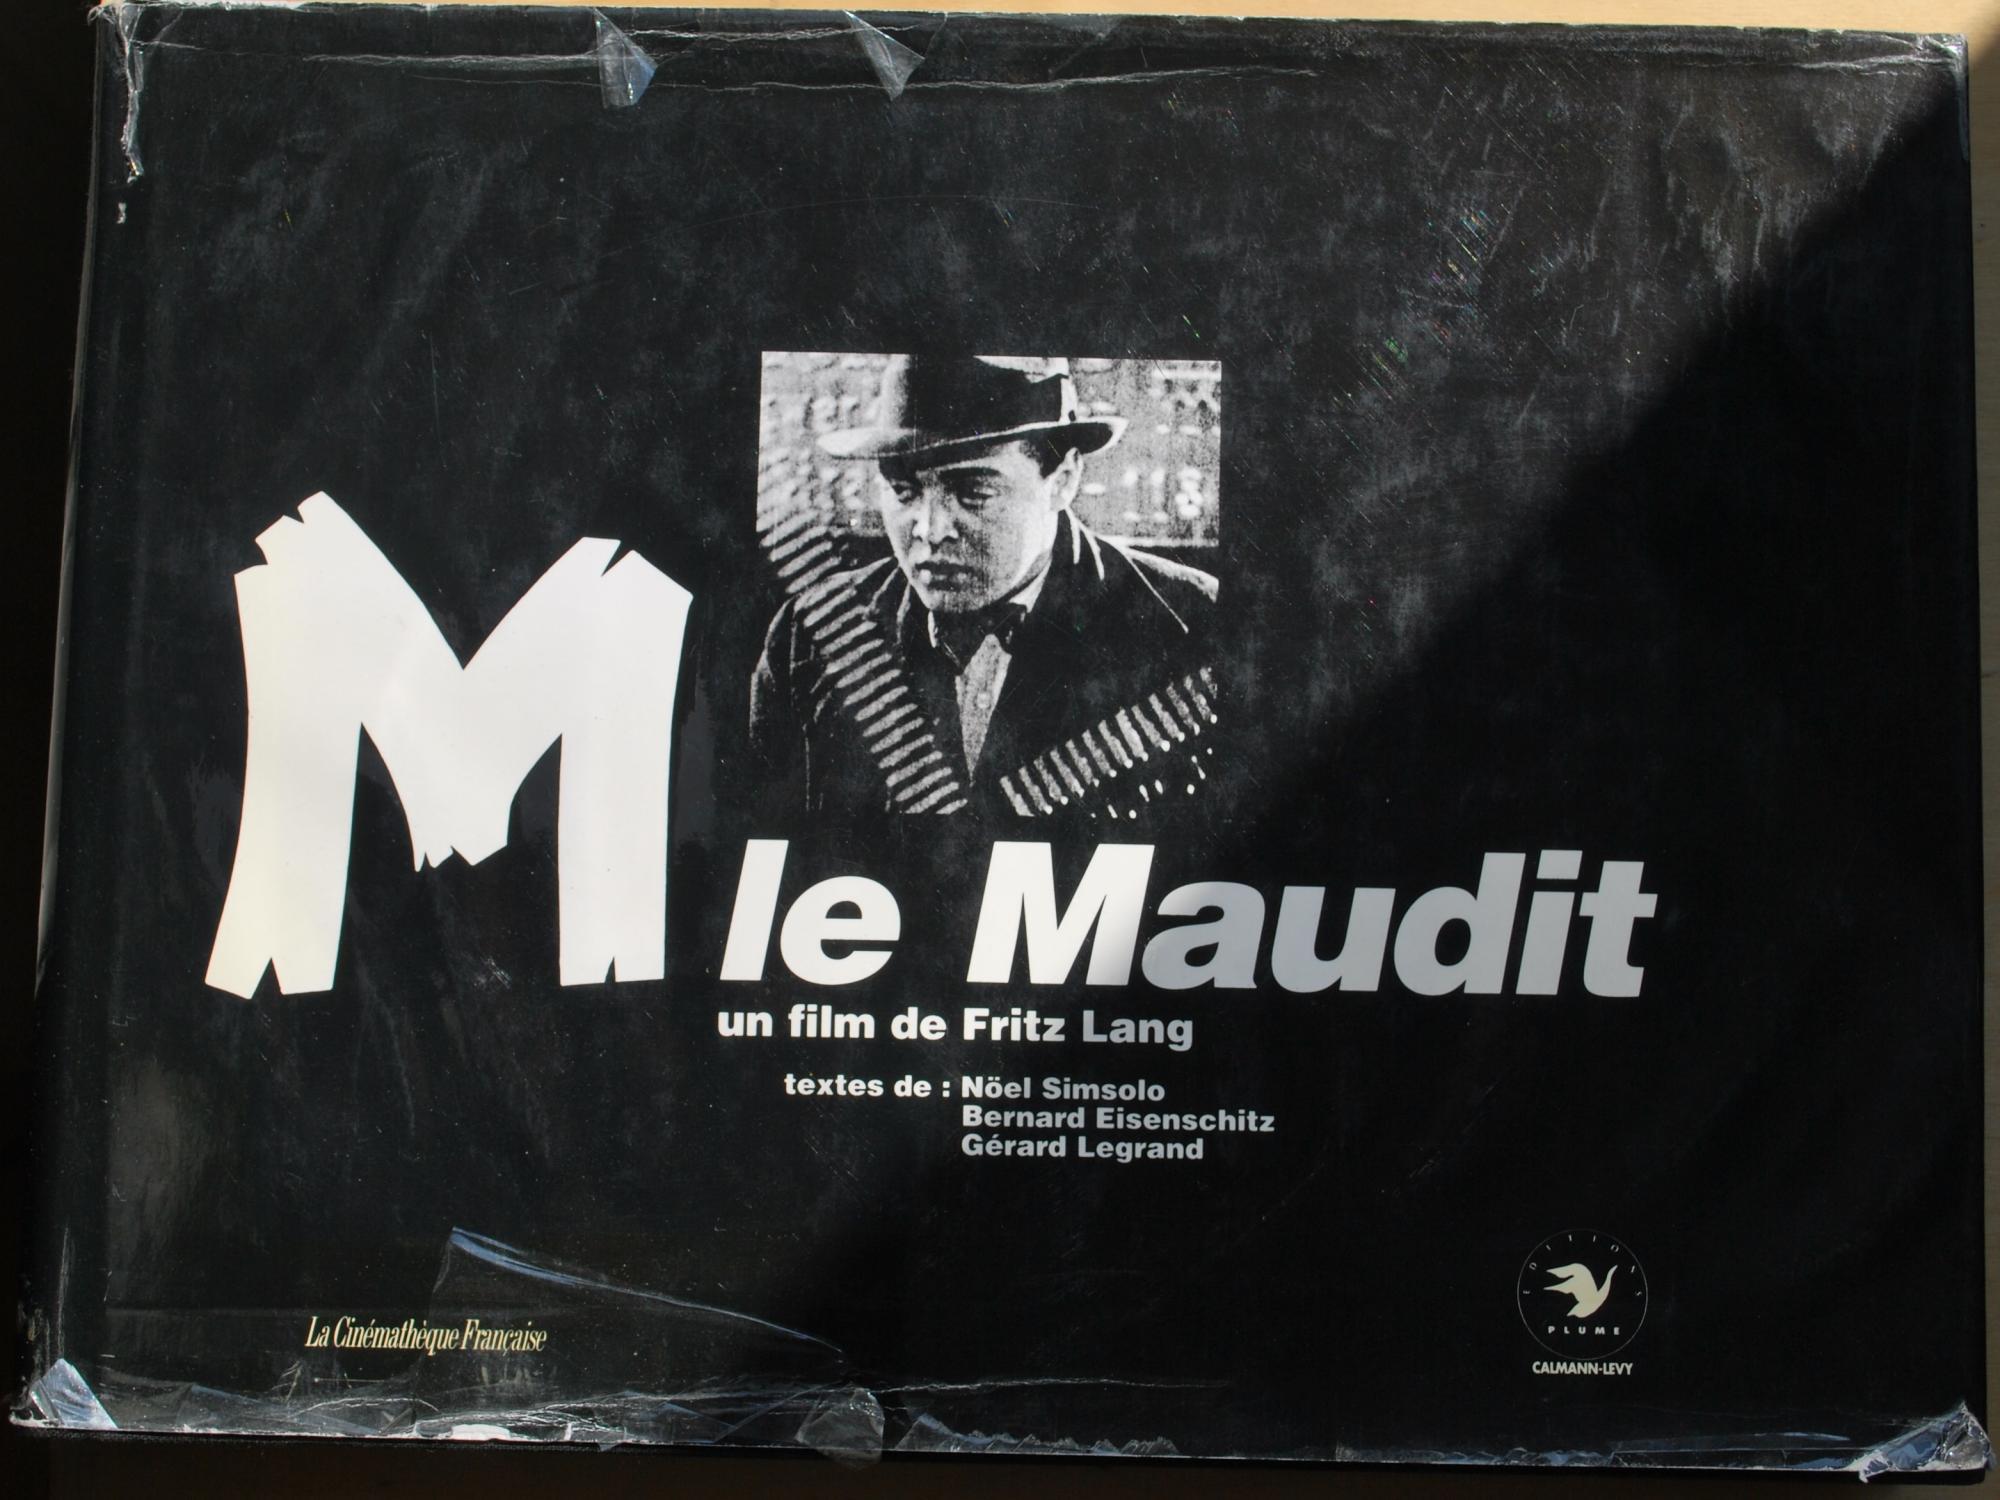 M le Maudit, un film de Fritz Lang - Noël Simsolo e.a.